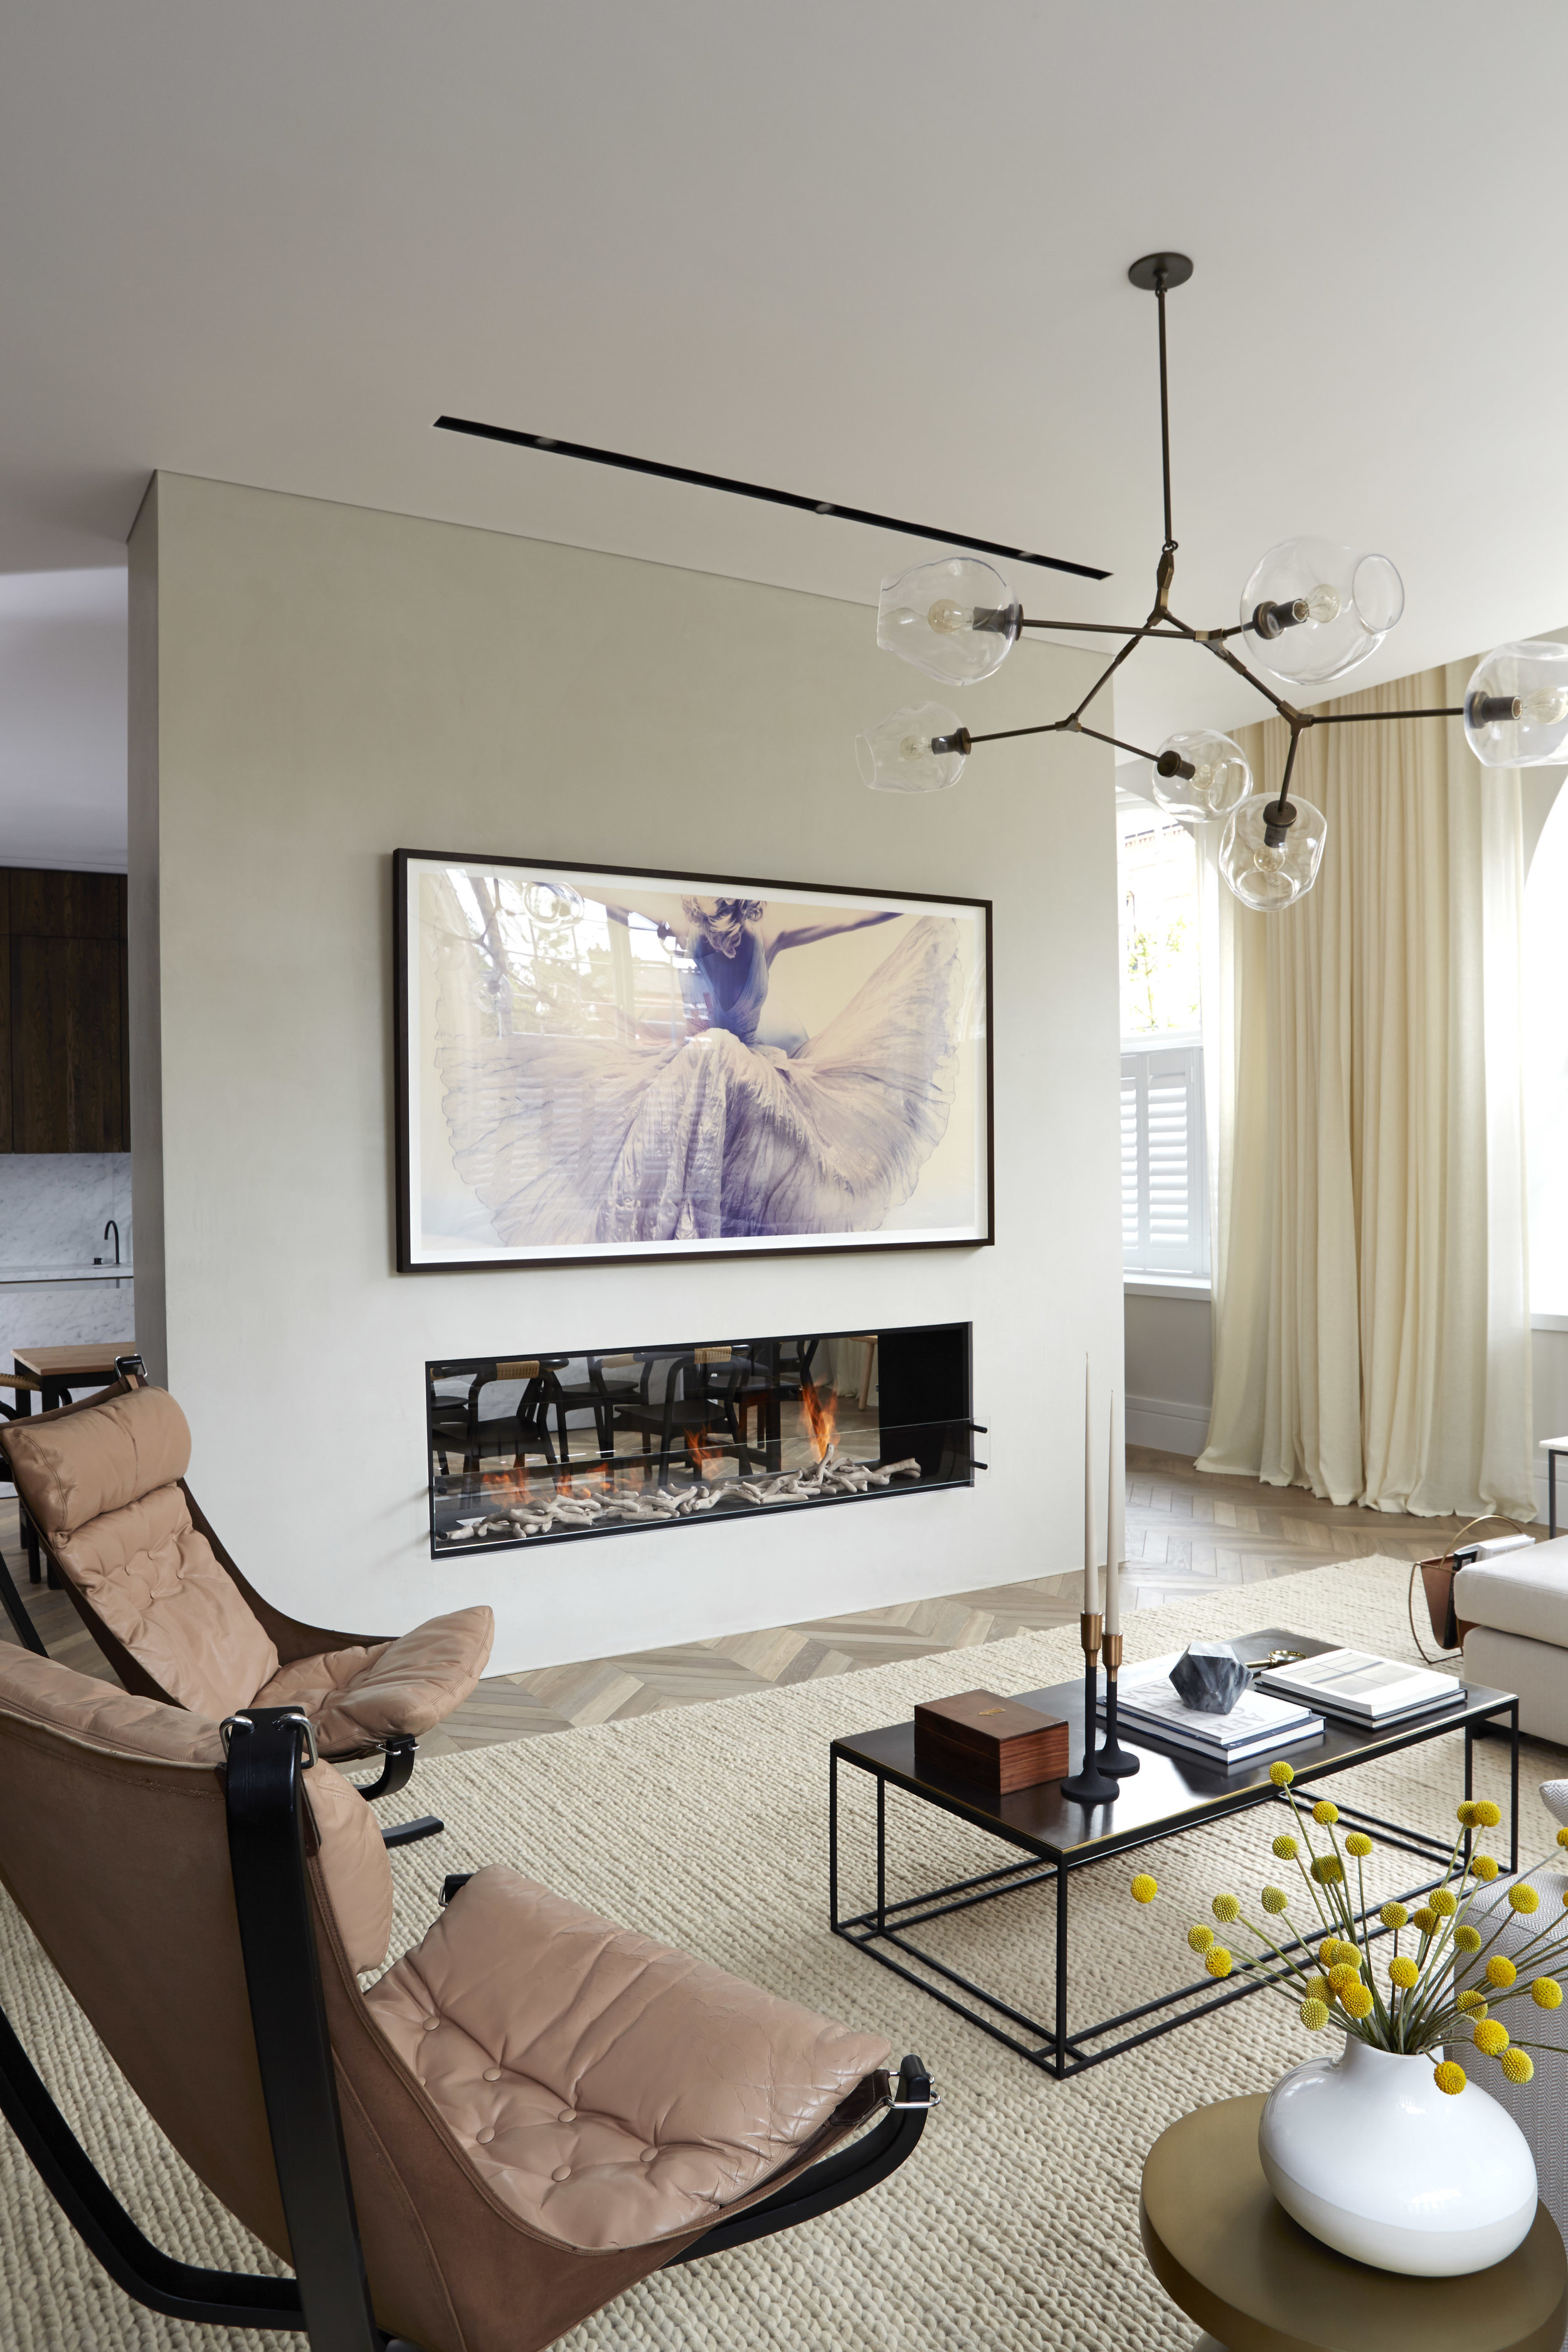 Banda_livingroom-9-v1.jpg